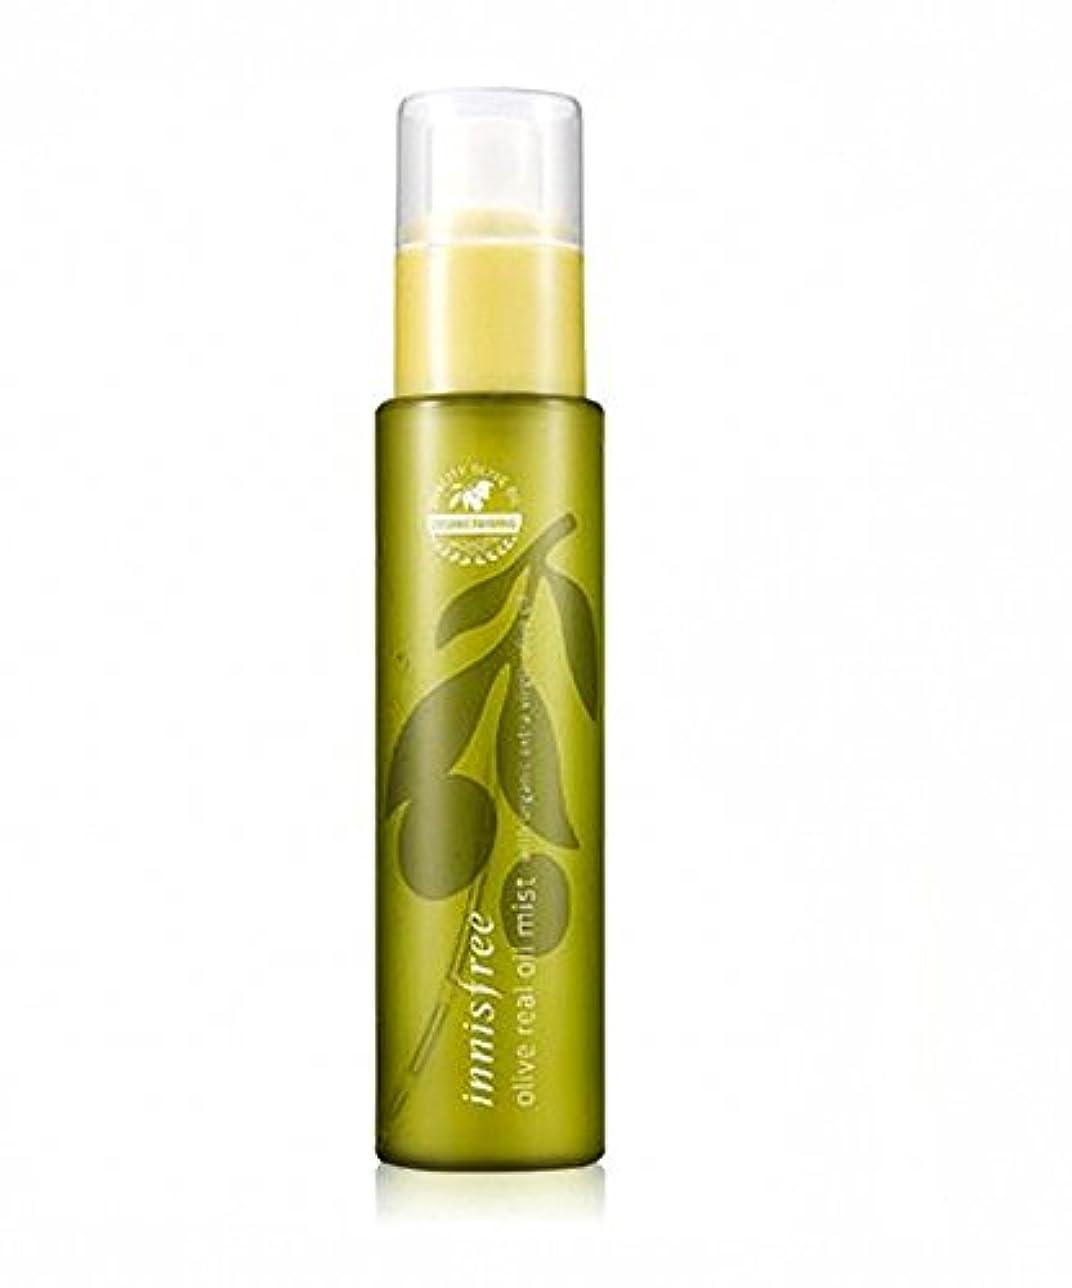 松明赤道アクセシブルイニスフリー Innisfree オリーブ リアル オイル ミスト(80ml) Innisfree Olive Real Oil Mist(80ml) [海外直送品]